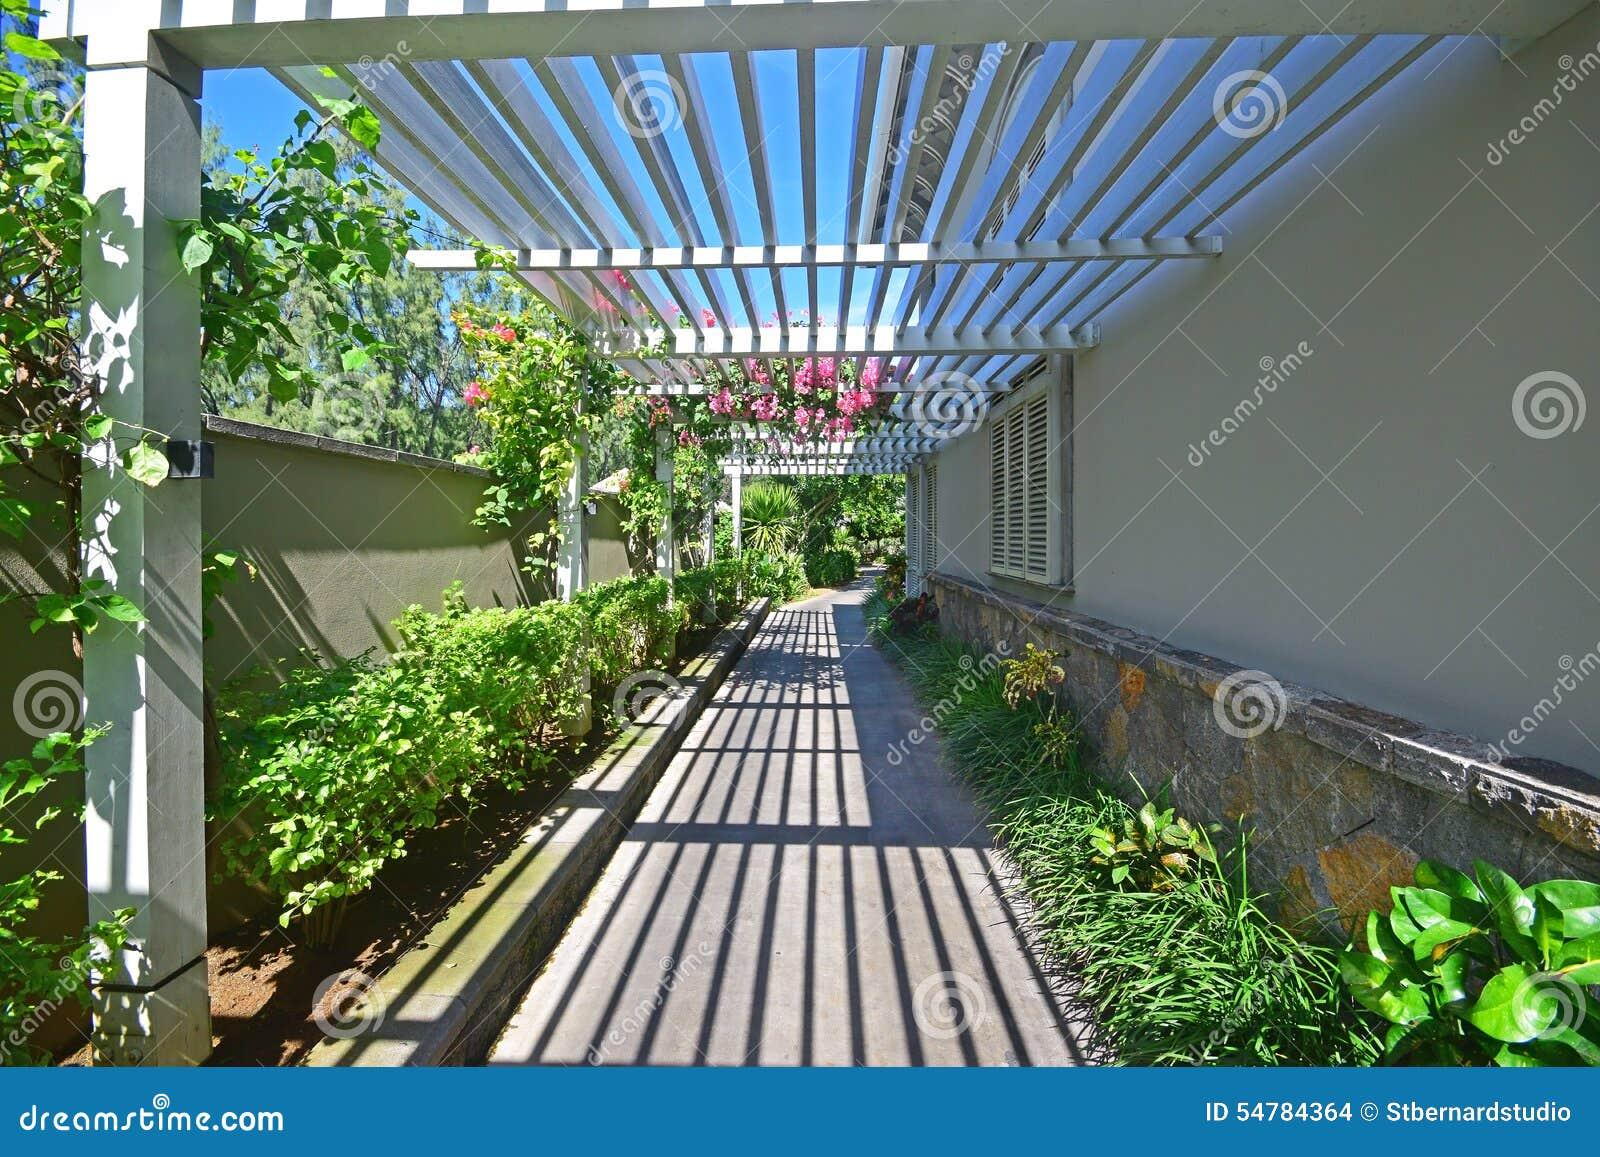 Walkway with veranda like semi open wooden rooftop stock for Open veranda design